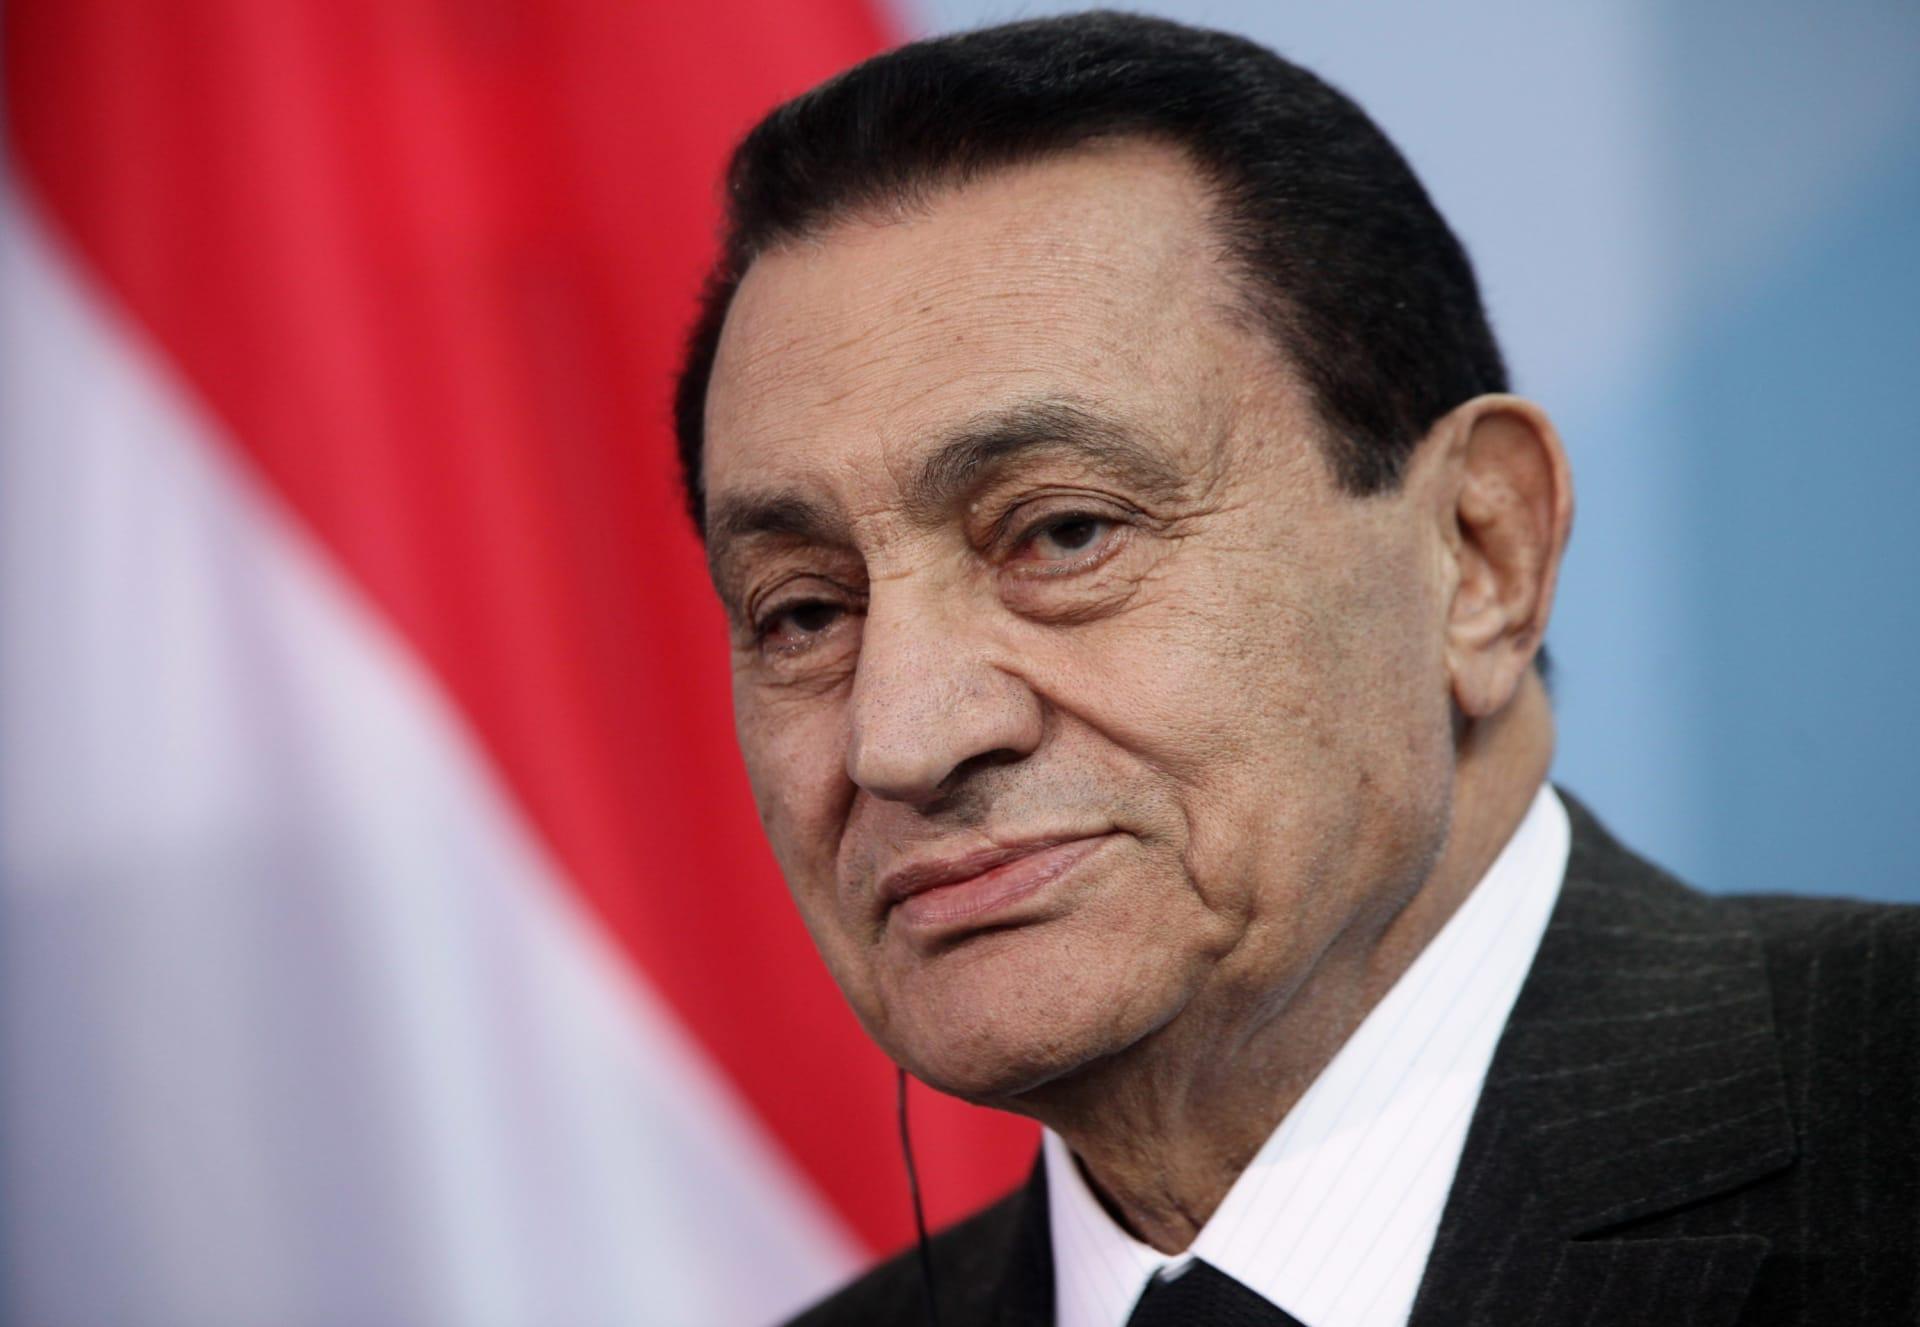 """""""كفاكم تذرعا بحرية التعبير"""".. علاء مبارك ينشر فيديو لوالده ينتقد فيه """"الإساءة للنبي محمد"""""""